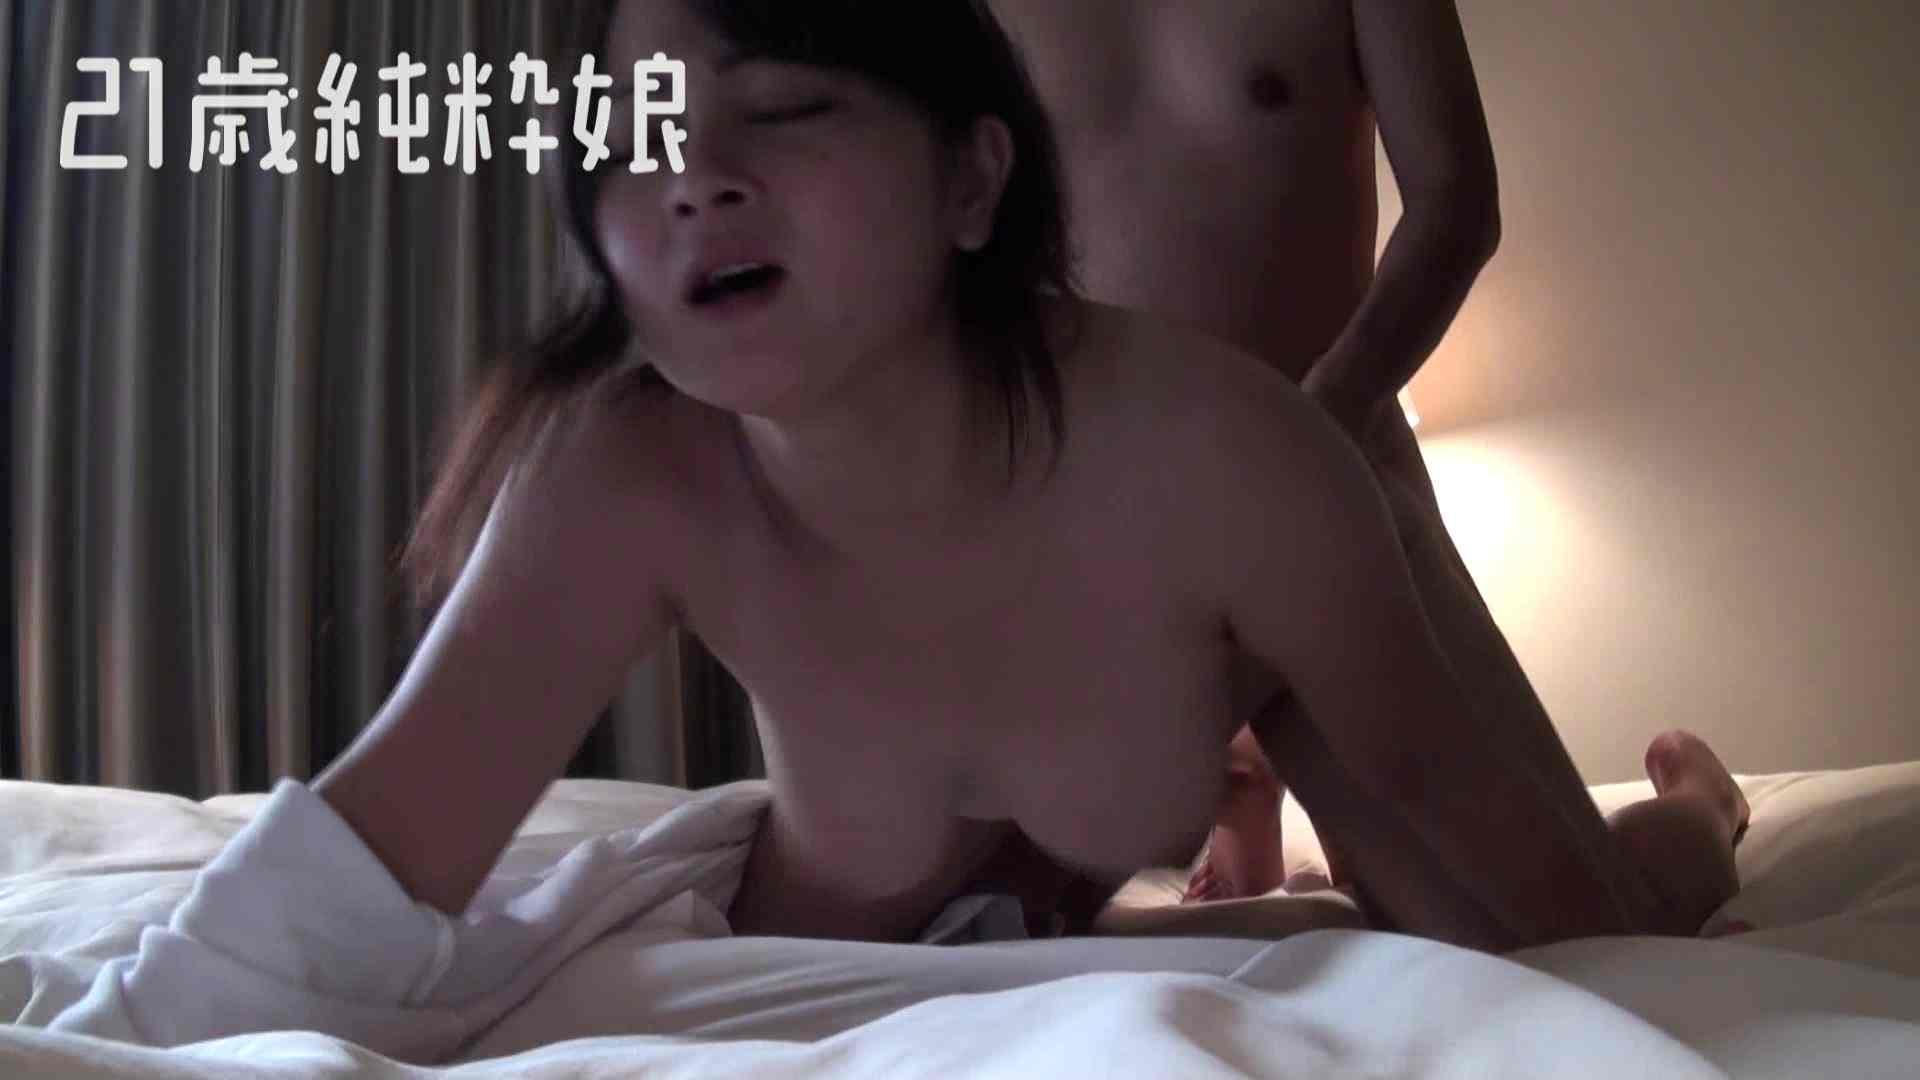 上京したばかりのGカップ21歳純粋嬢を都合の良い女にしてみた2 オナニー集 盗撮動画紹介 70pic 63